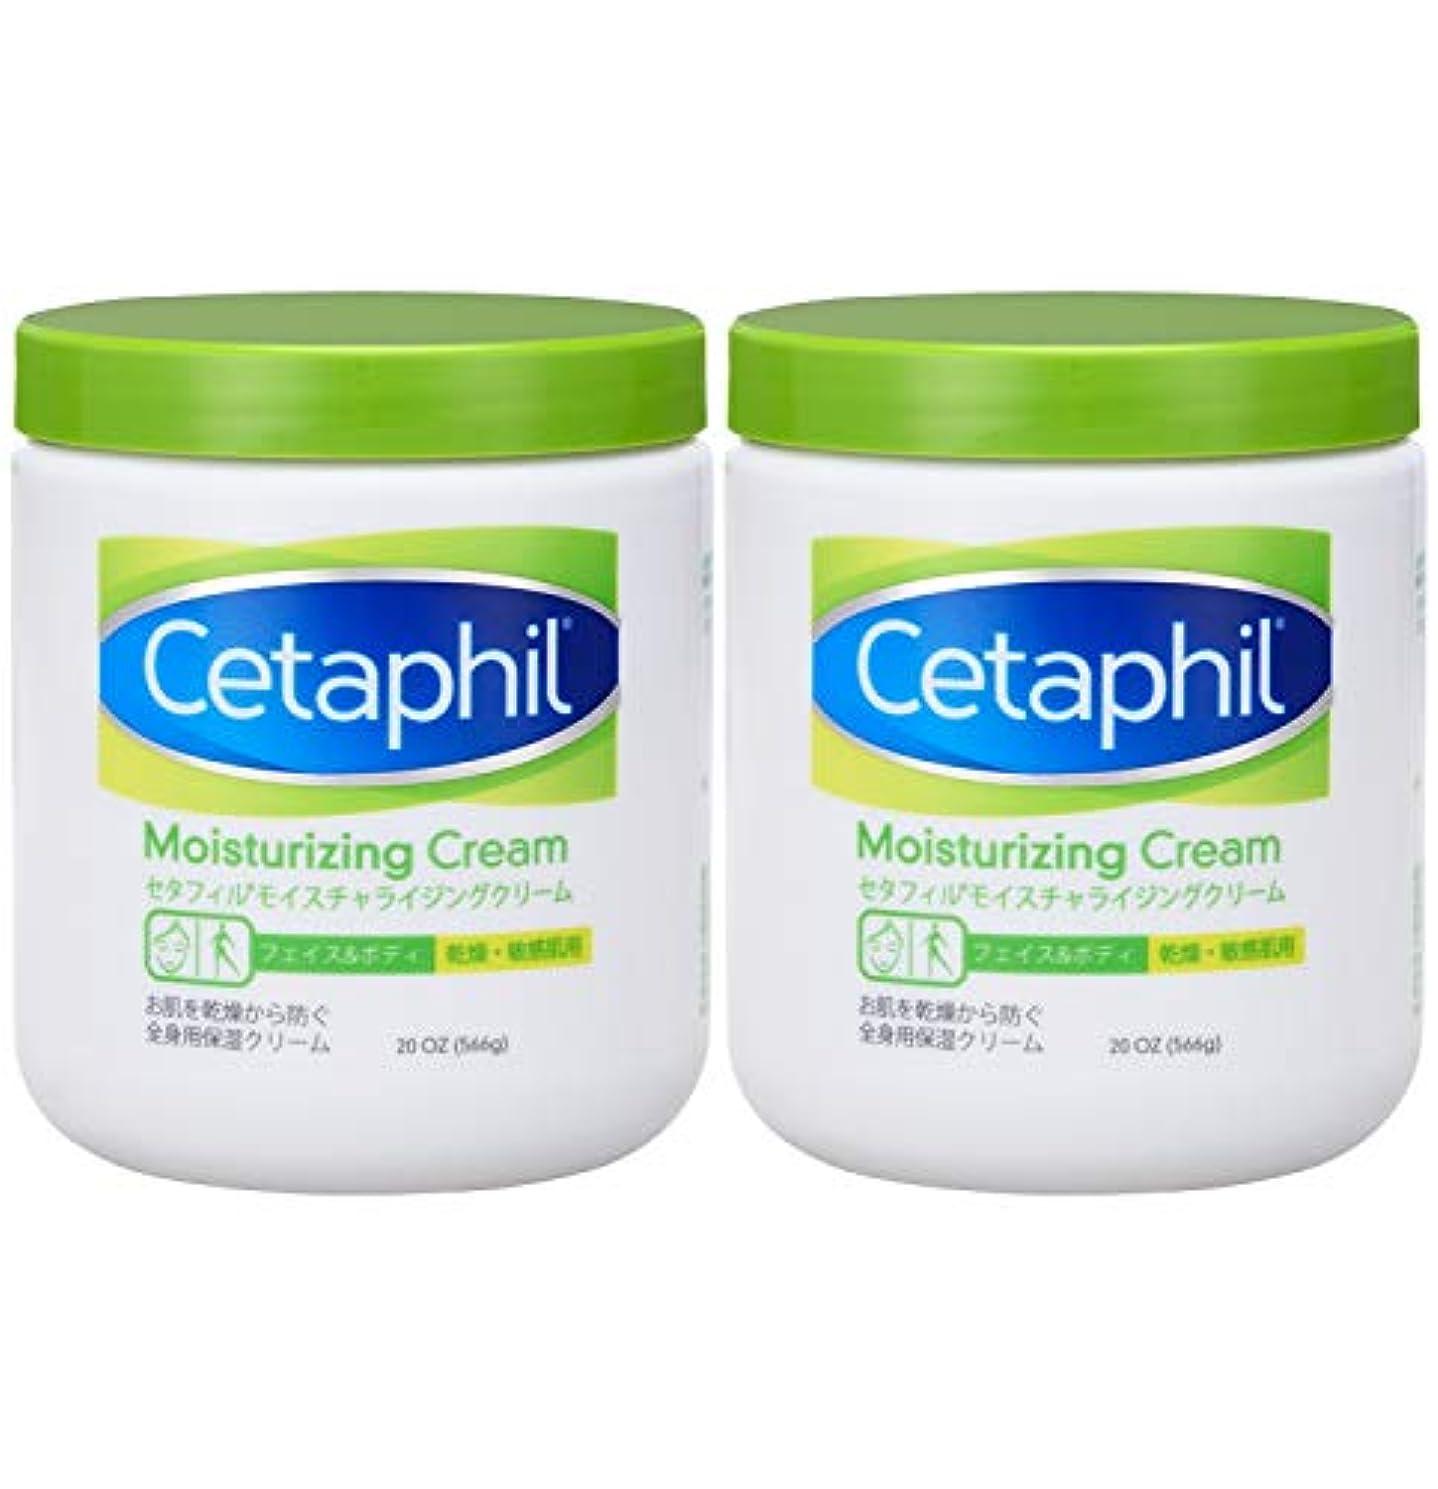 恥指標きれいにセタフィル Cetaphil ® モイスチャライジングクリーム 566ml 2本組 ( フェイス & ボディ 保湿クリーム クリーム )